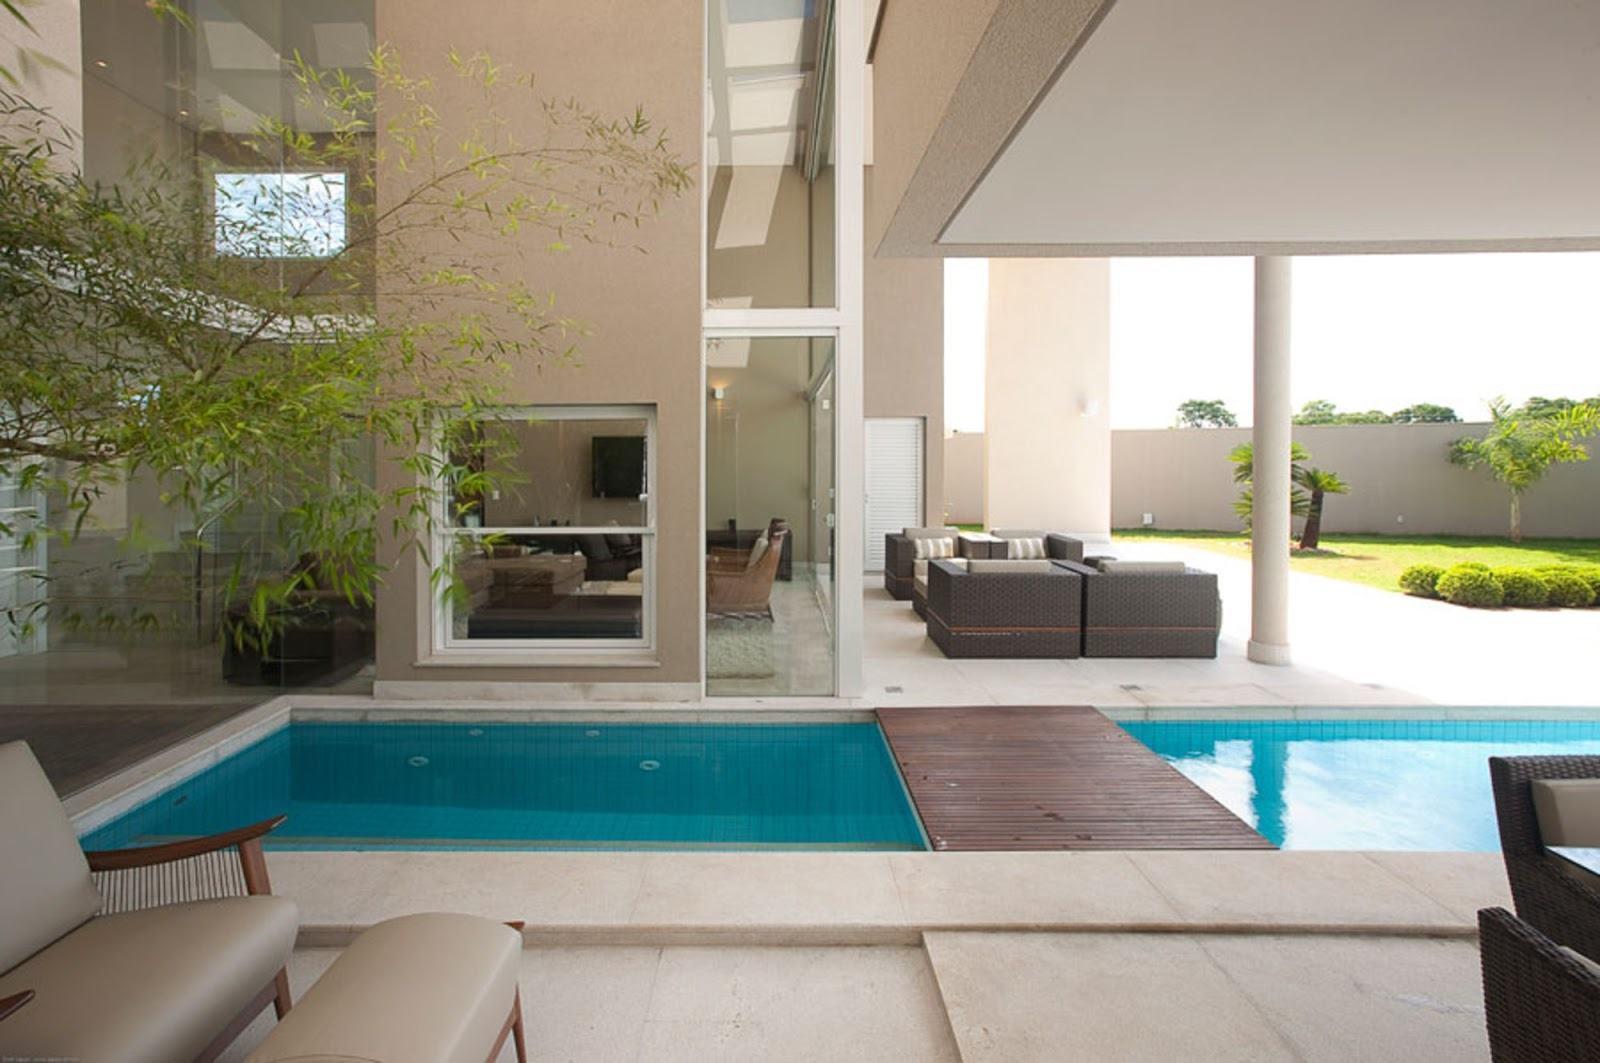 Casas com piscinas 60 modelos projetos e fotos for Modelos de piscinas fotos